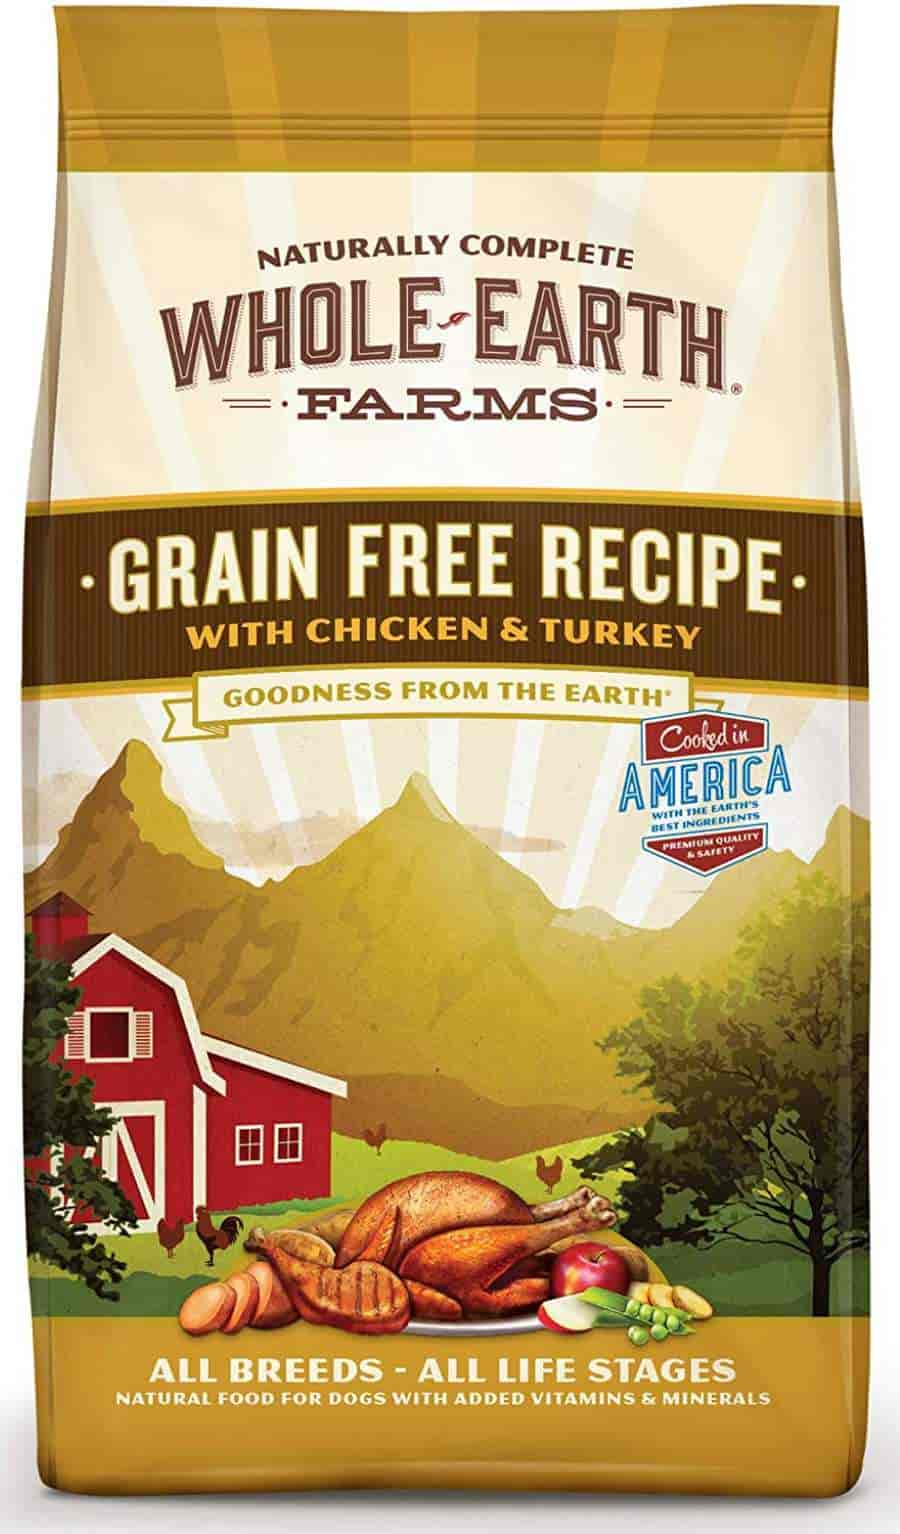 Whole Earth Farm Grain Free dog food